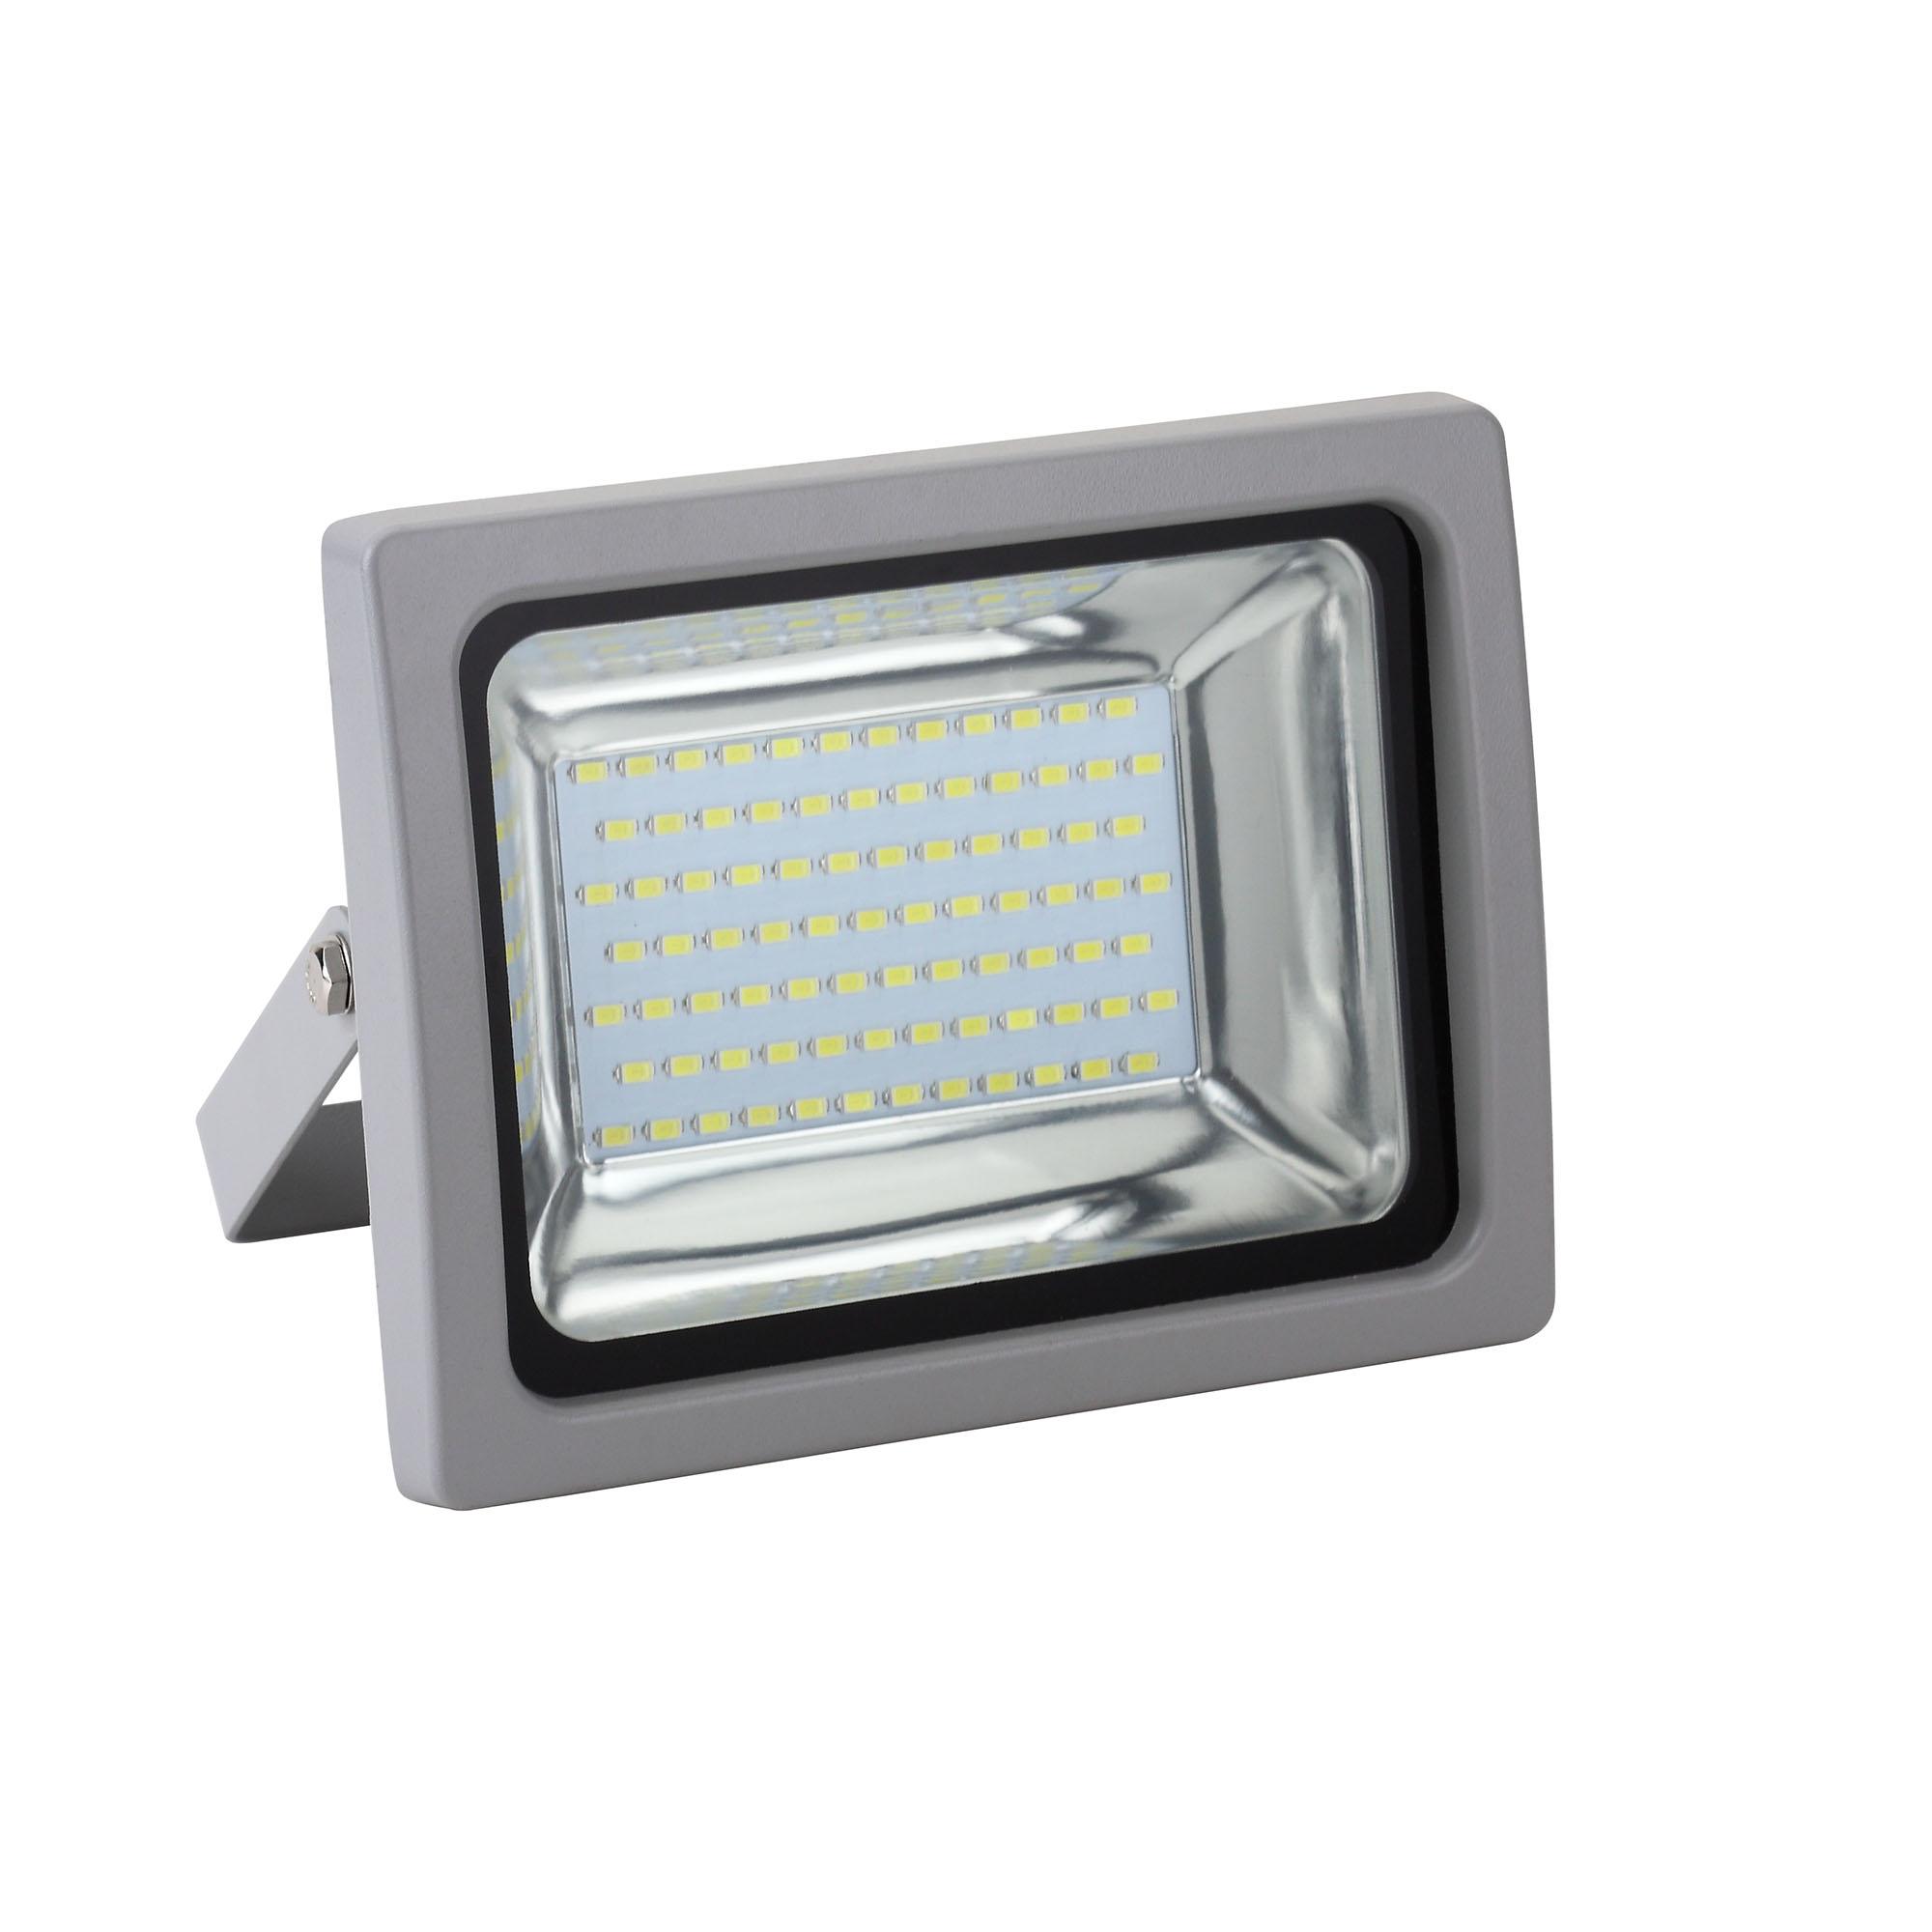 Купить Светодиодный прожектор Uniel Ulf-s04-30w/nw 30Вт светодиодный, свет белый ip65 85-265В